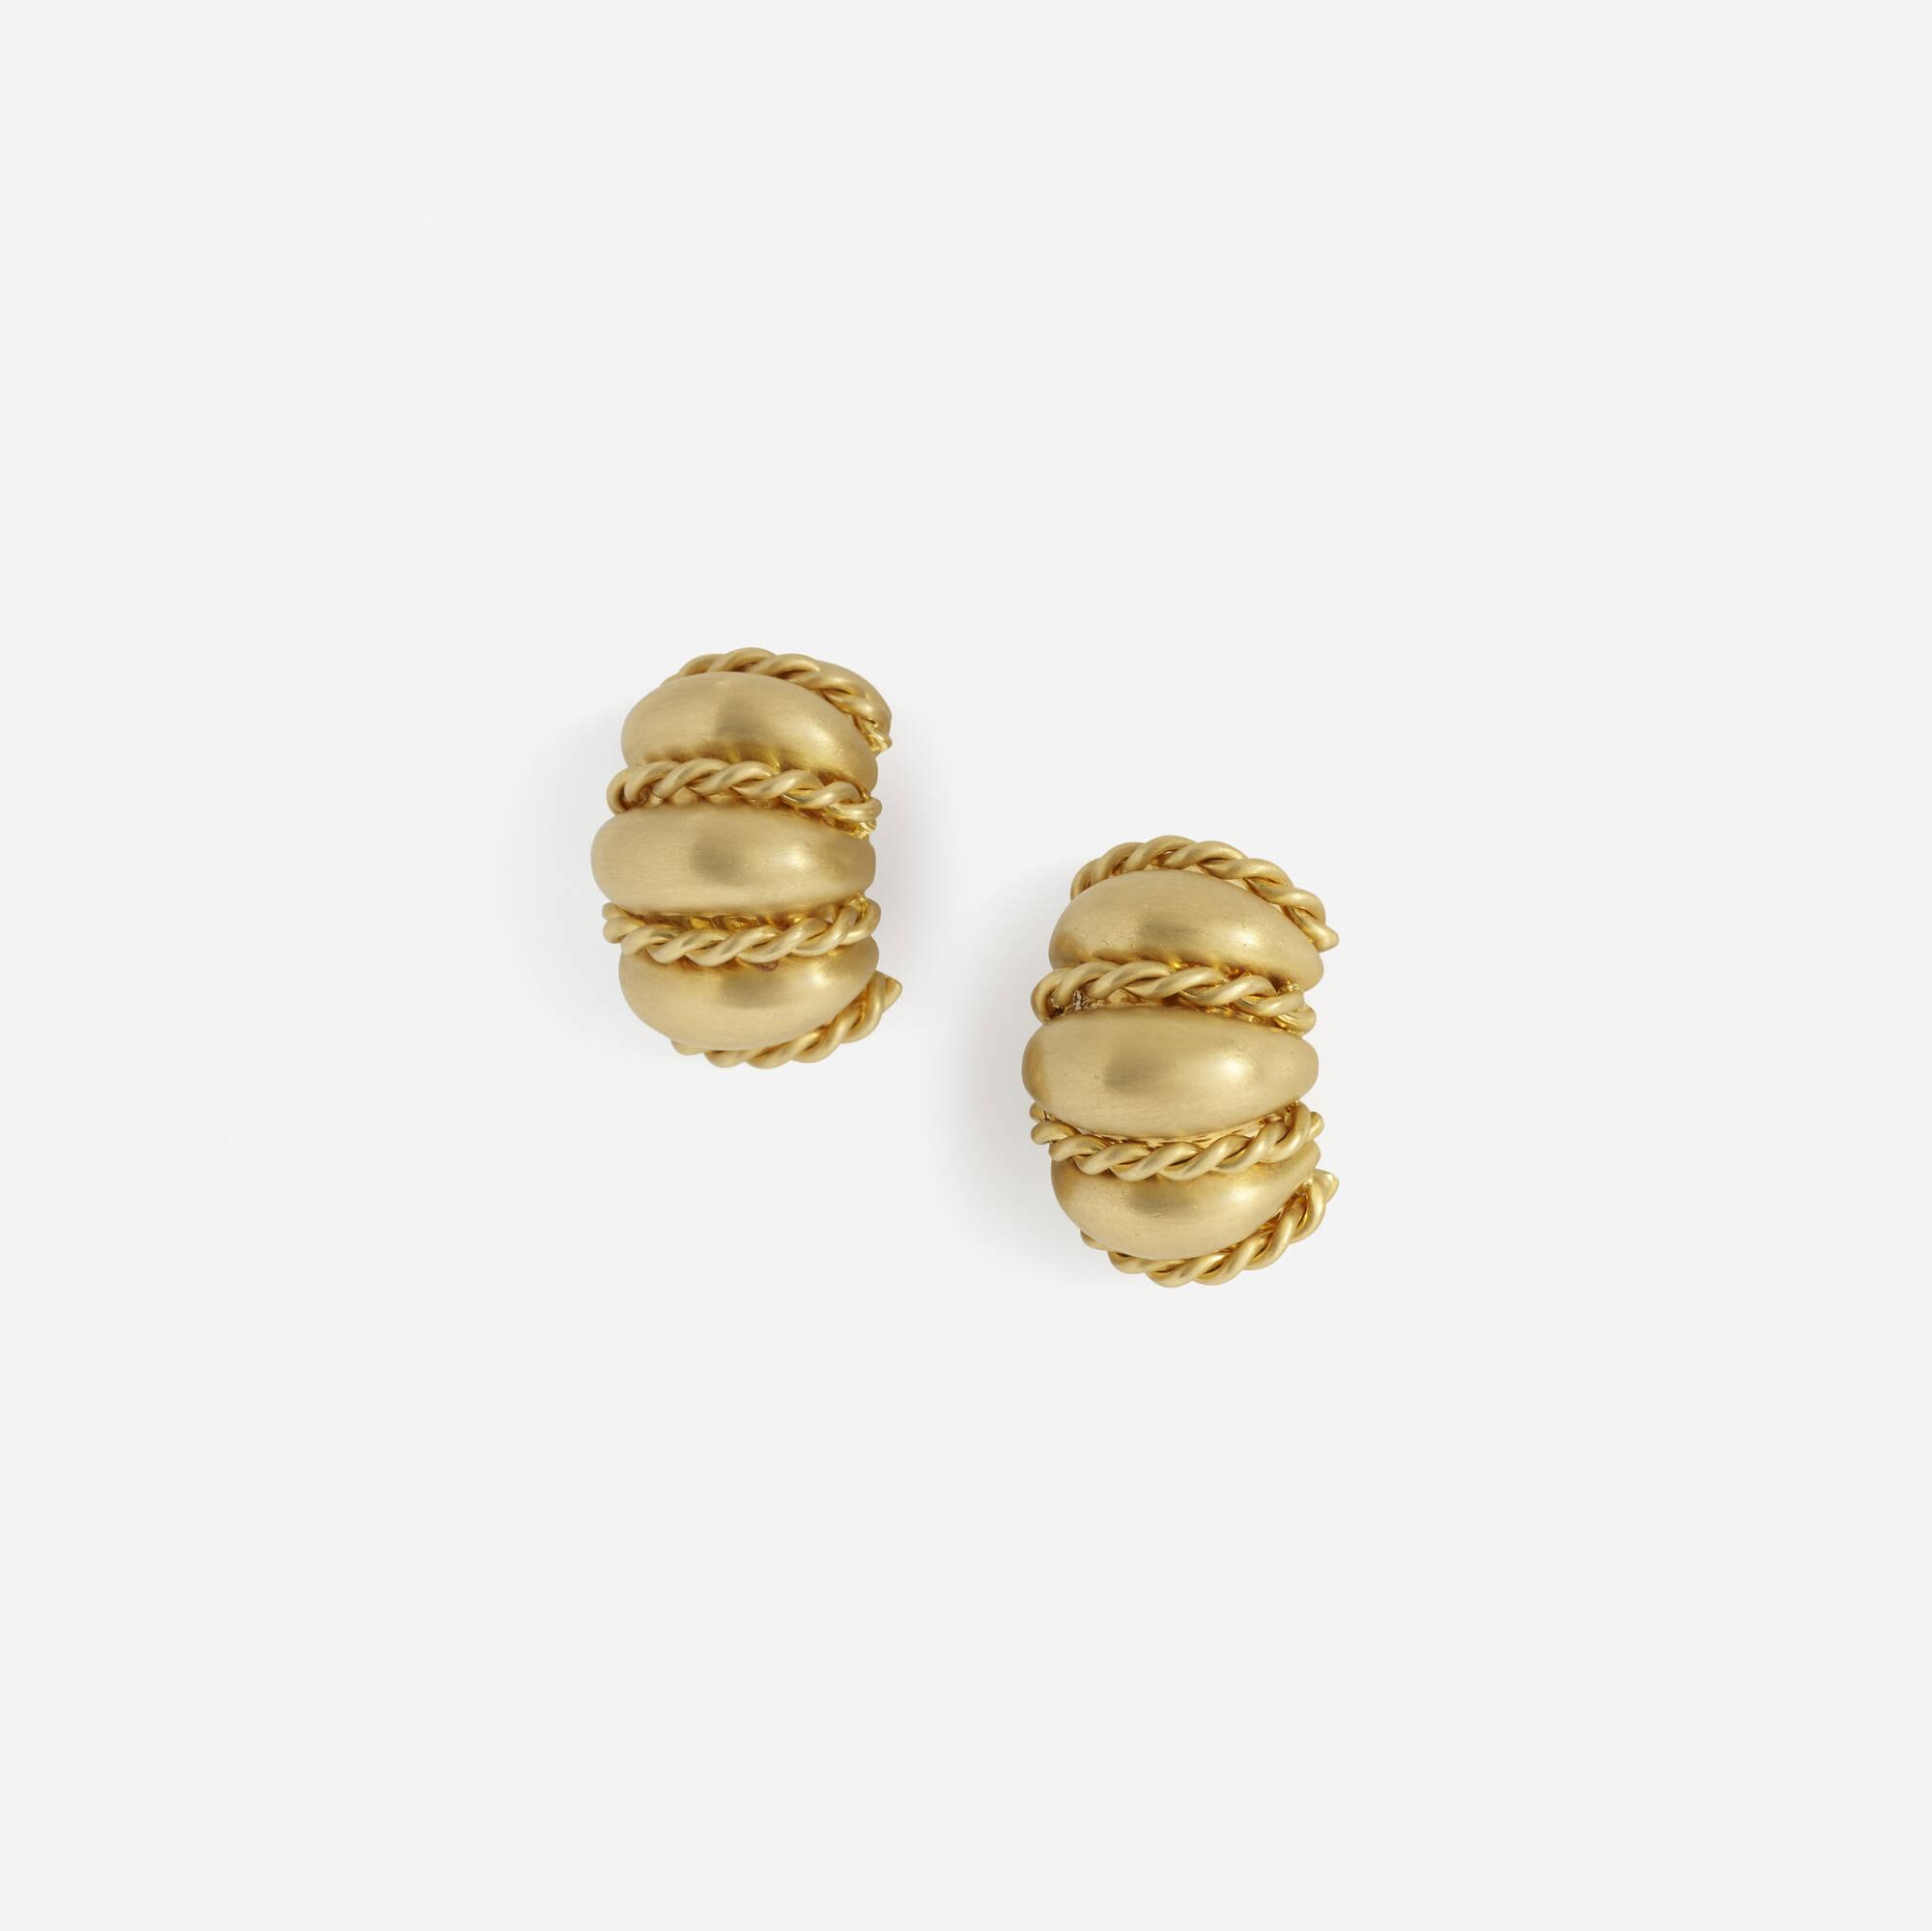 232: Seaman Schepps / A pair of gold earrings (1 of 1)